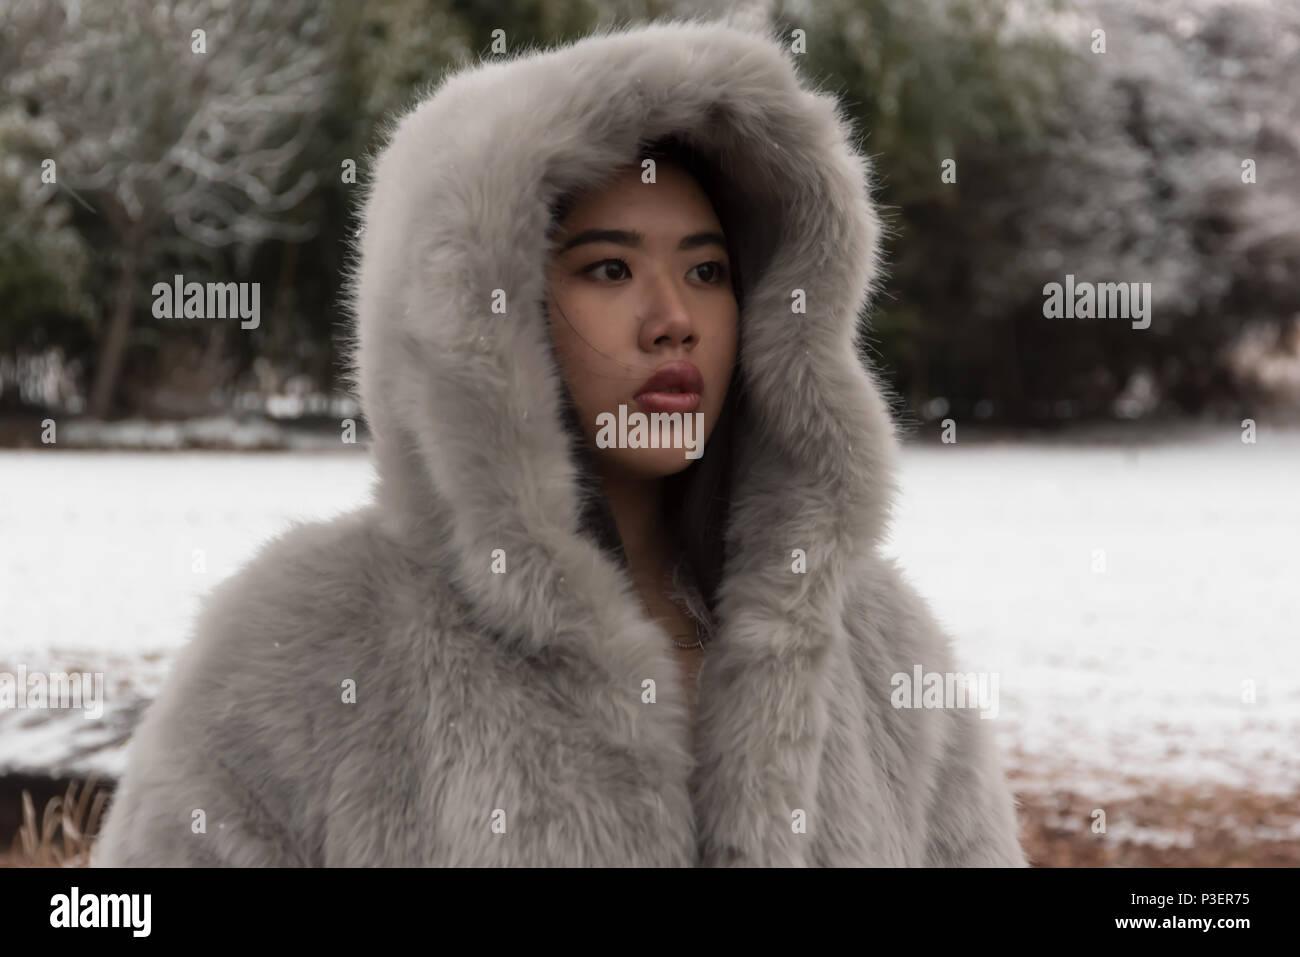 Pretty Korean Girl In Winter Coat Stock Photo Alamy